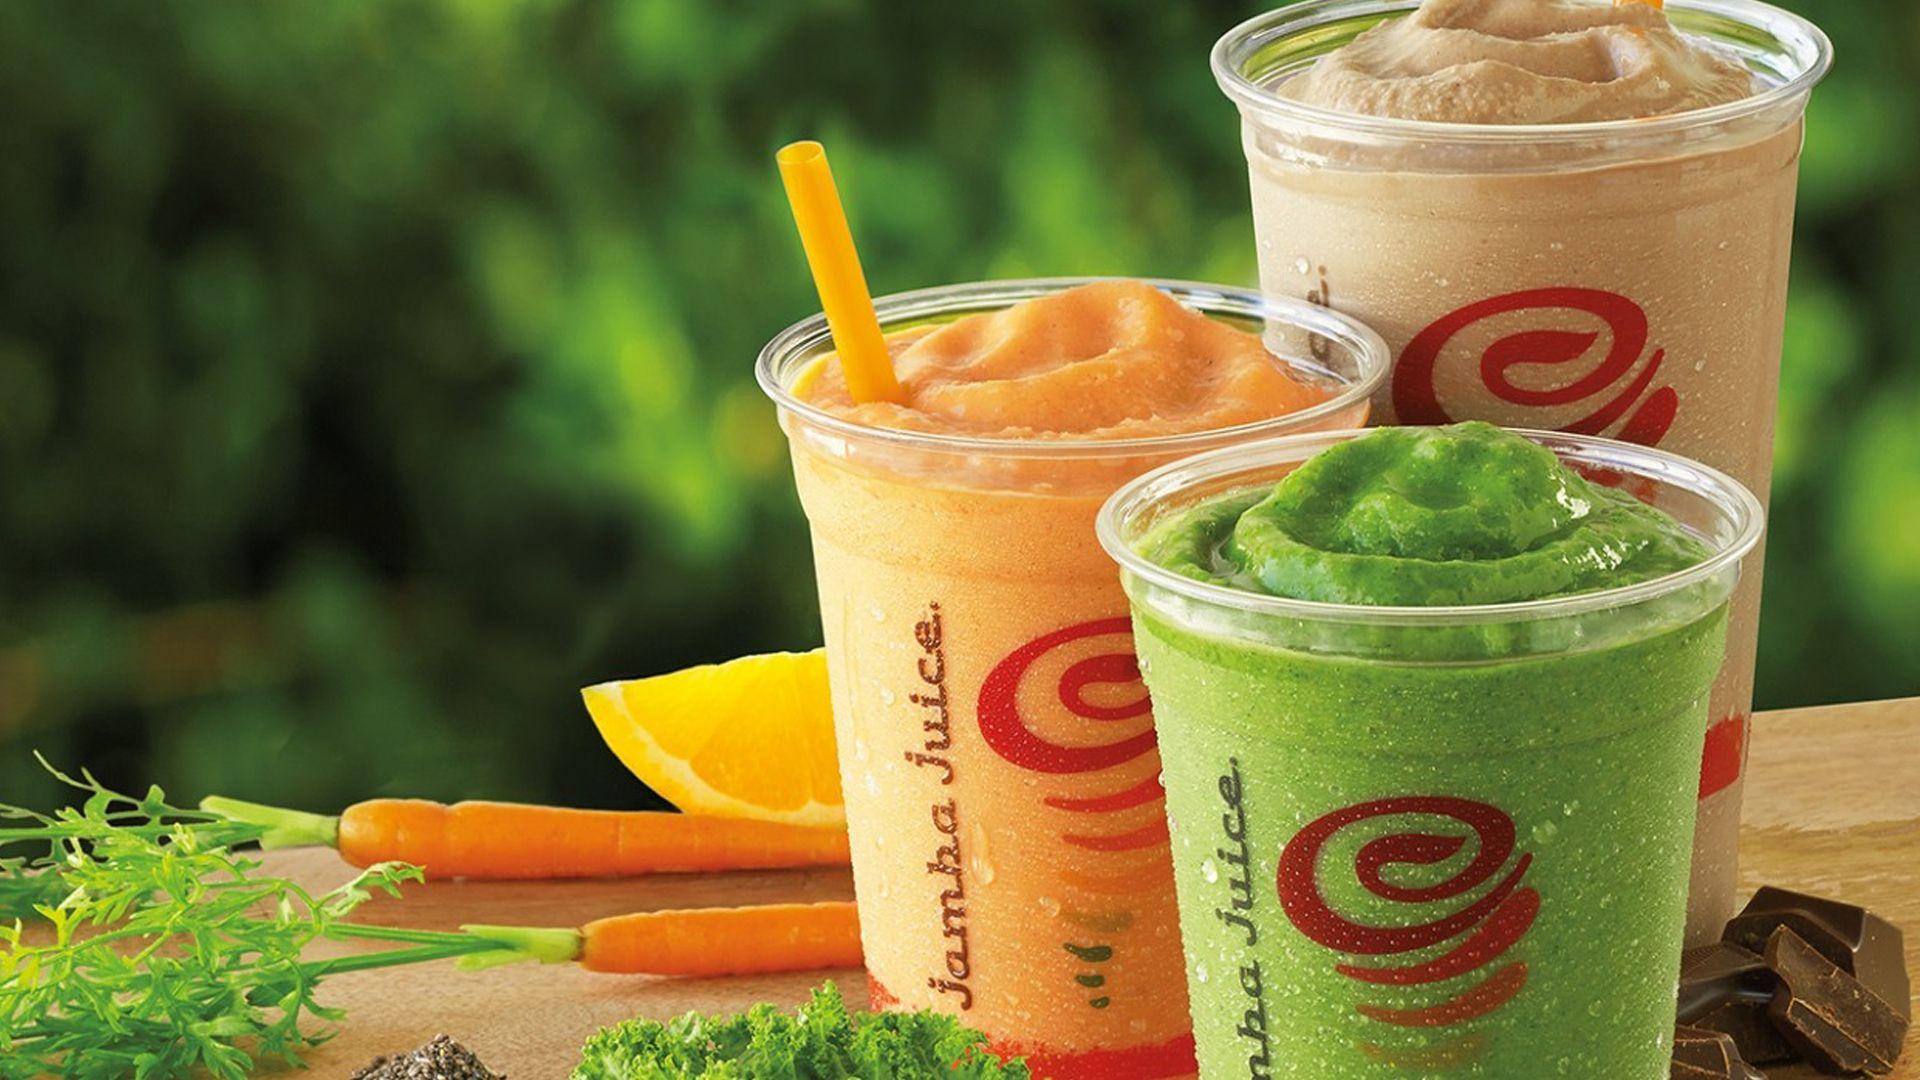 Background image for My Jamba Rewards, the loyalty program of Jamba Juice.